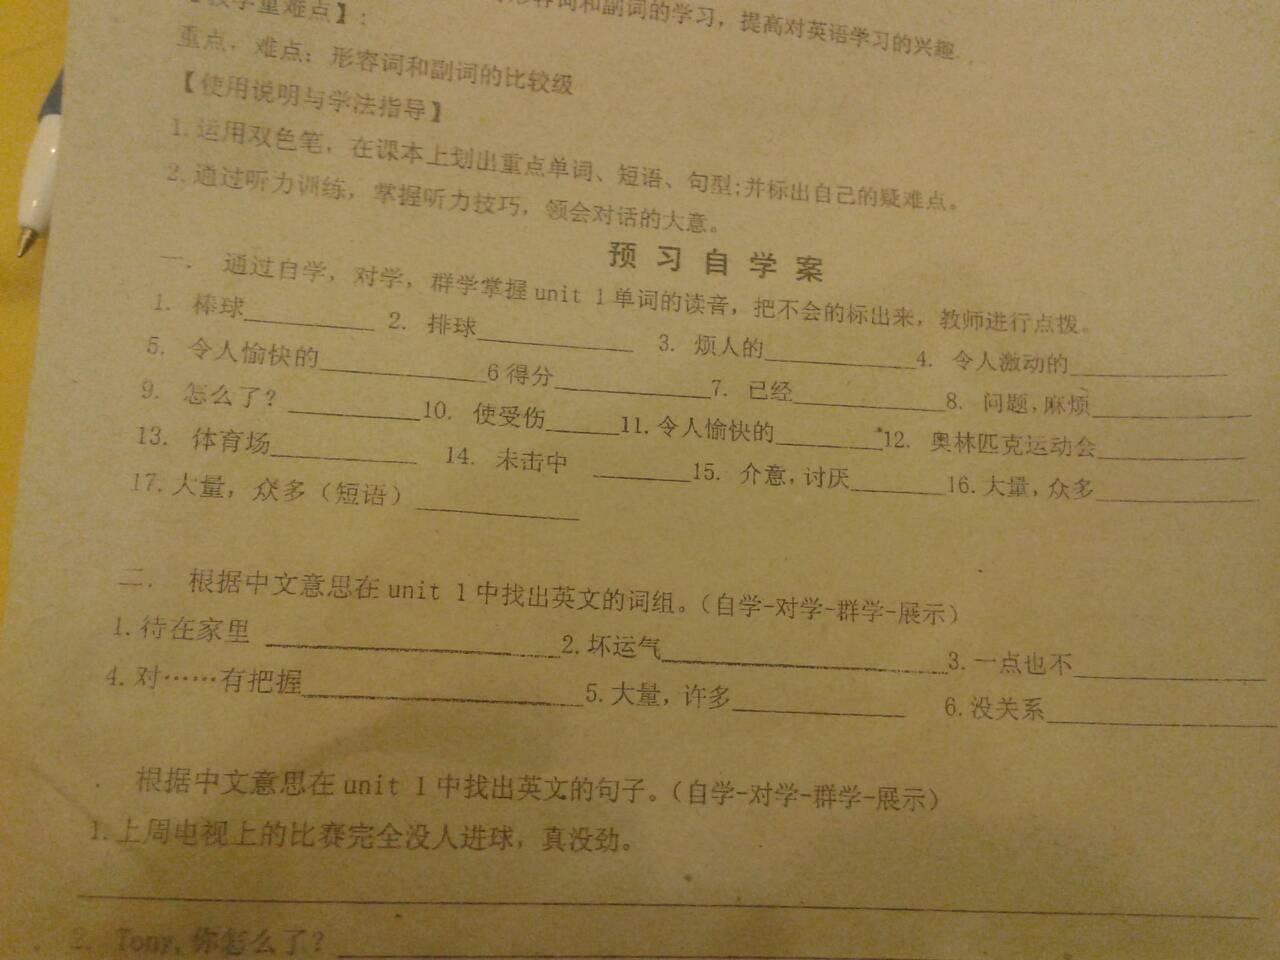 中文翻译器(利用百度英语在线翻译)-缇萦救父翻译